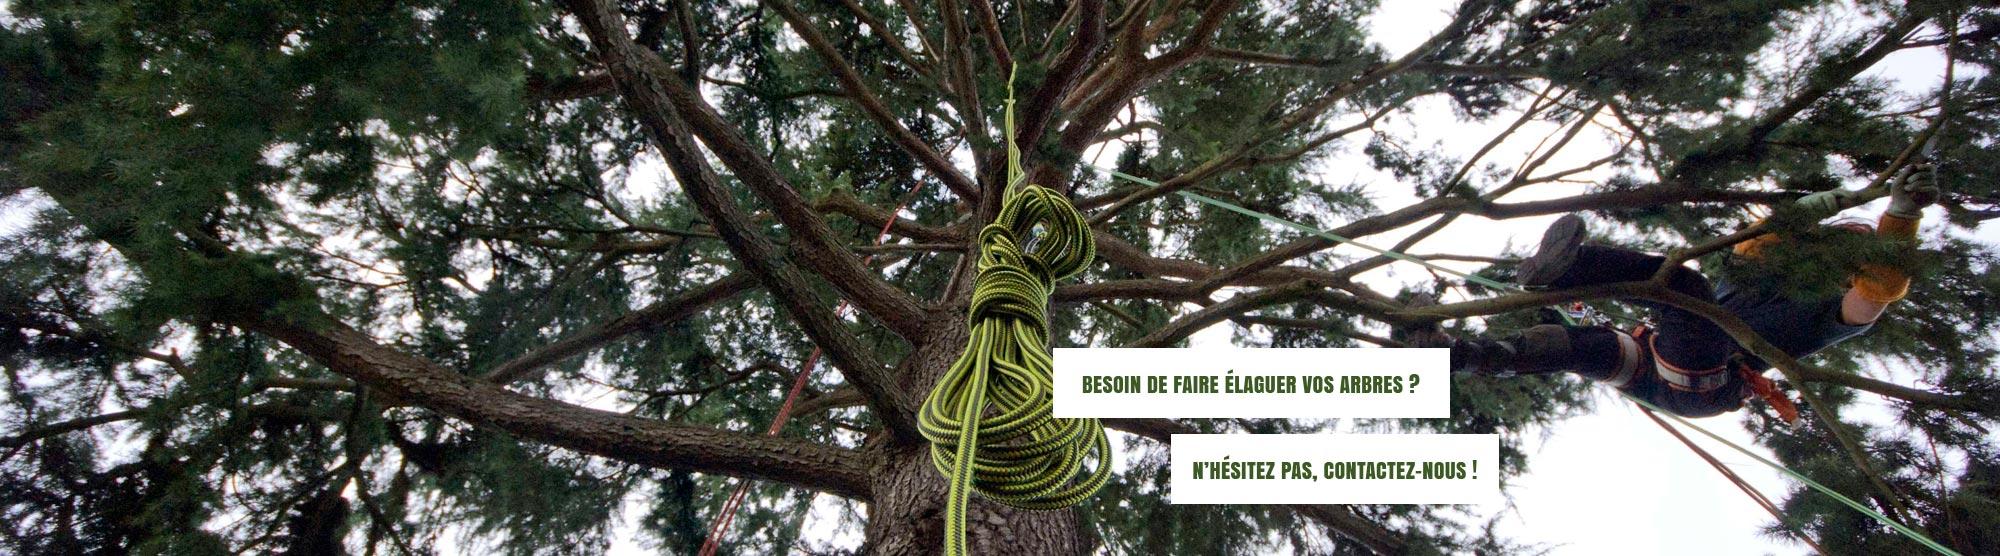 elagage arbre orleans. Black Bedroom Furniture Sets. Home Design Ideas